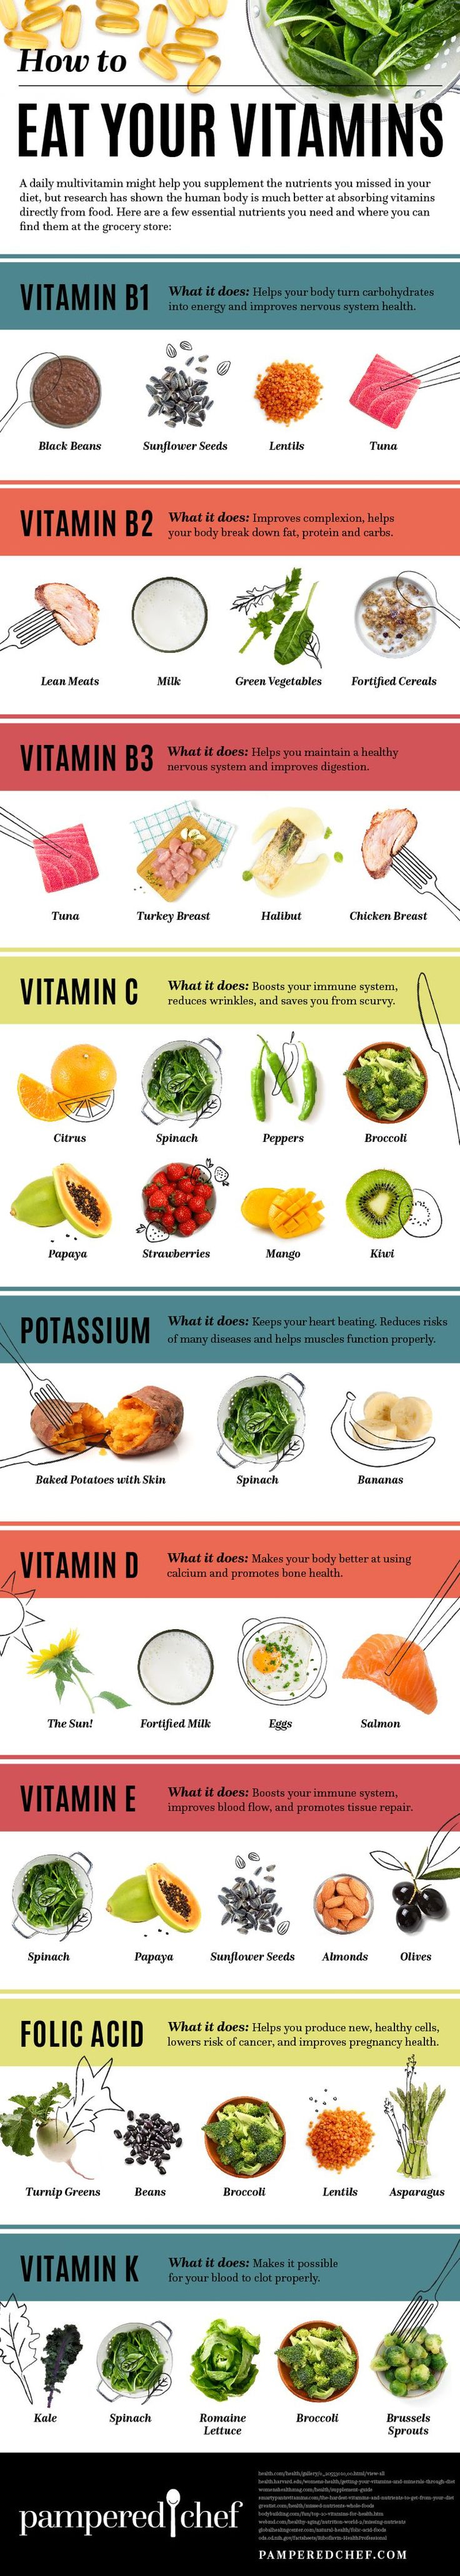 Tastier than a multivitamin. #tagforlikes #vitaminD #animals